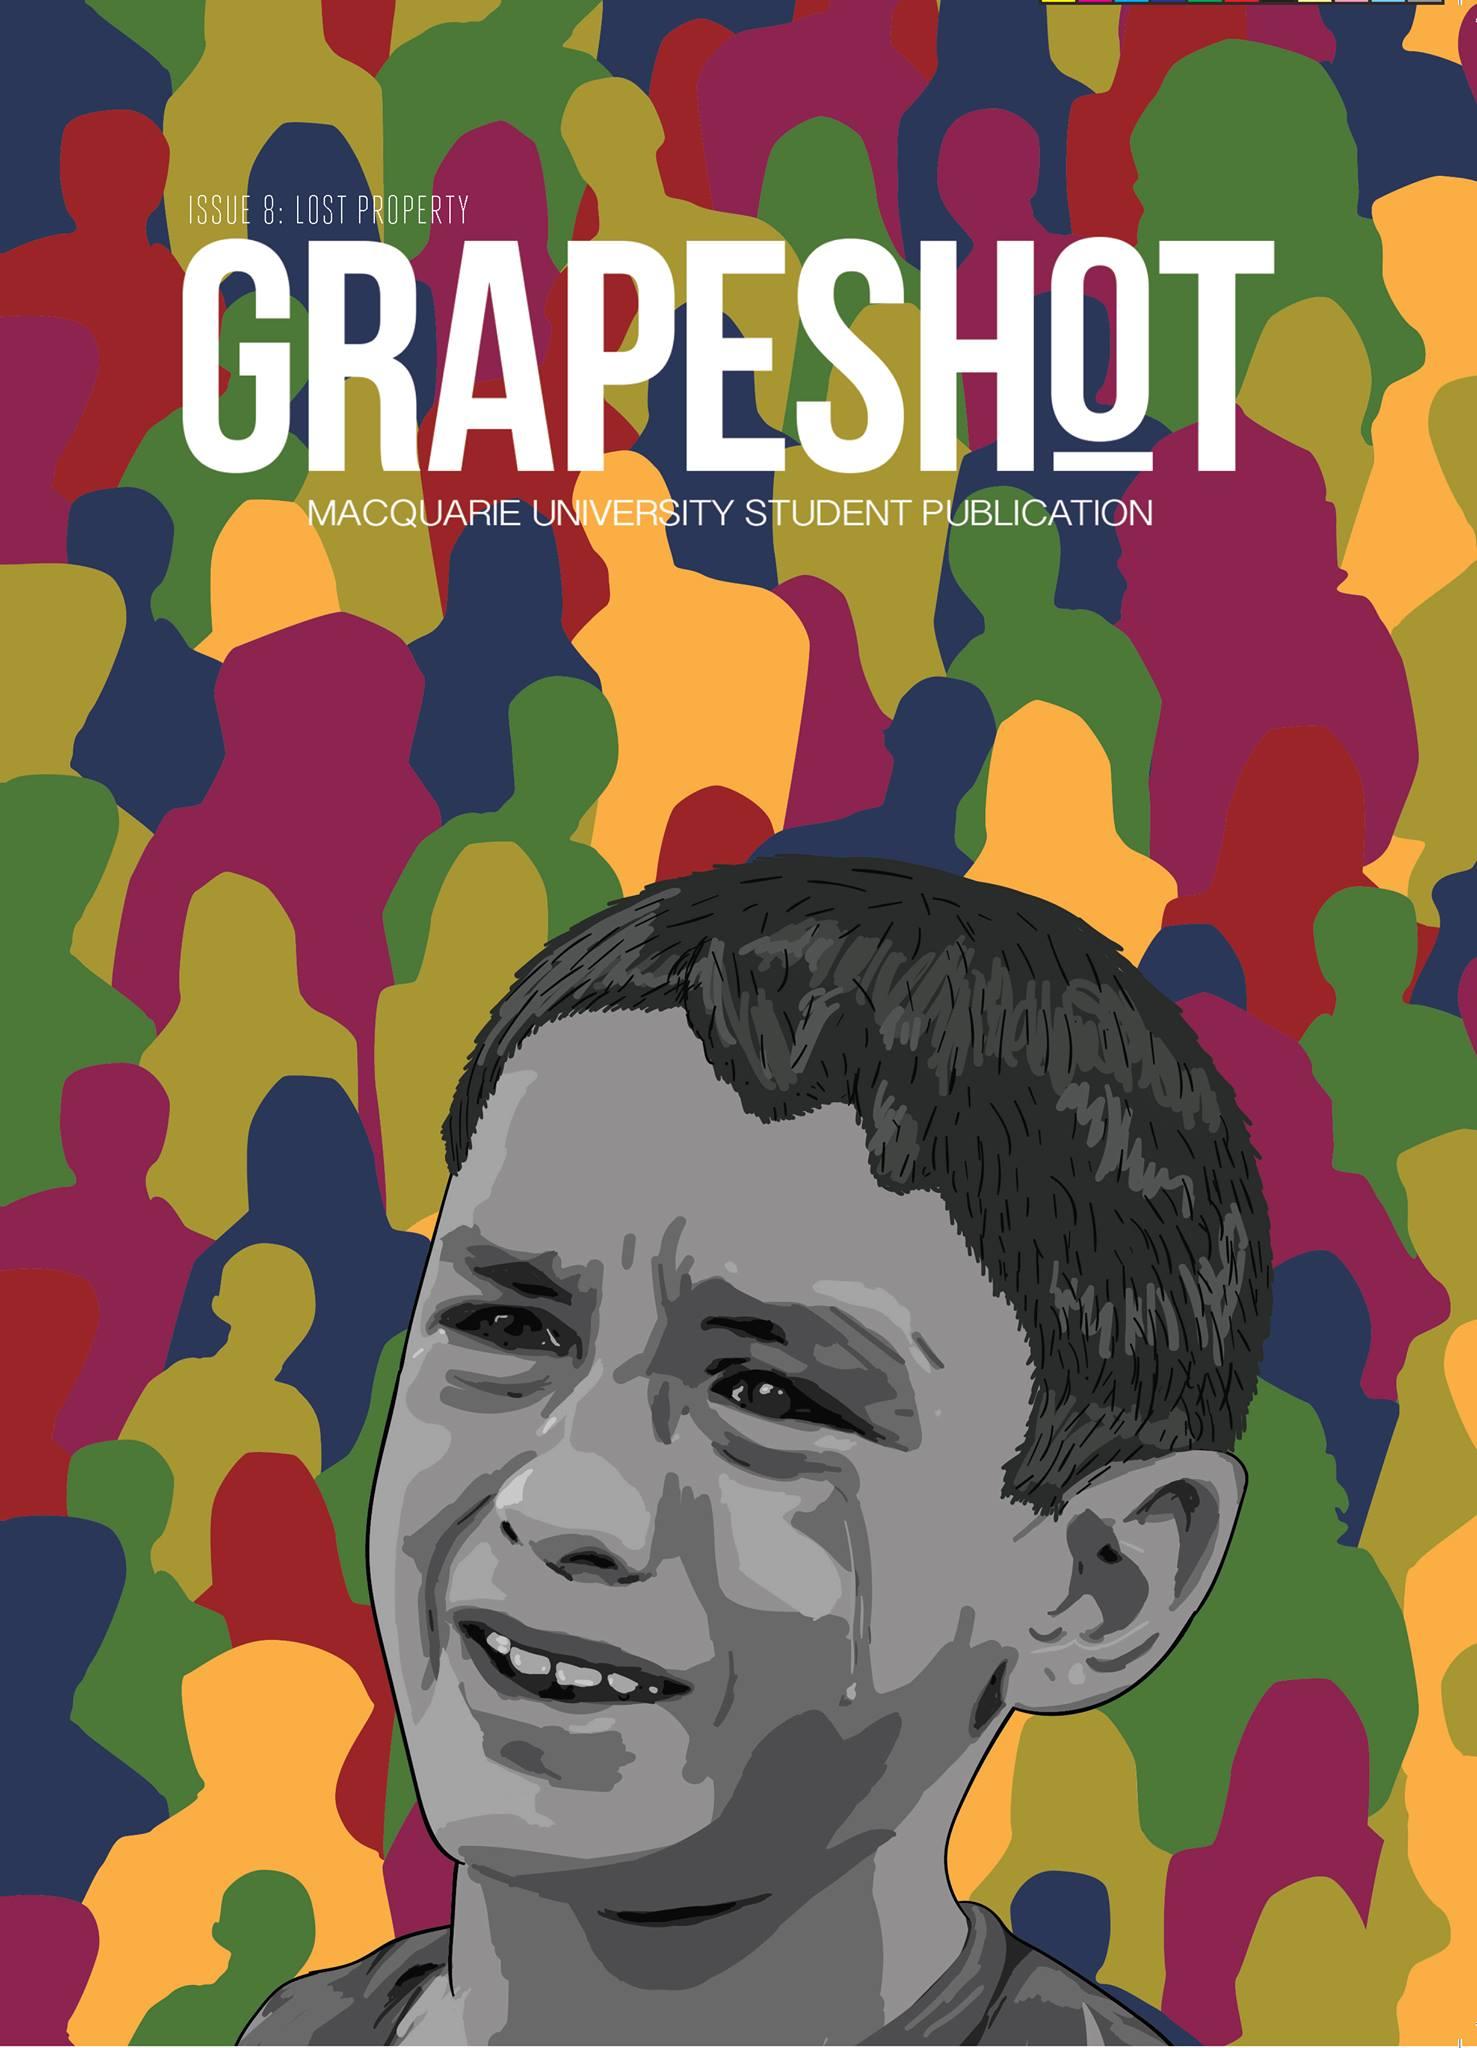 Cover by Sam van Vliet